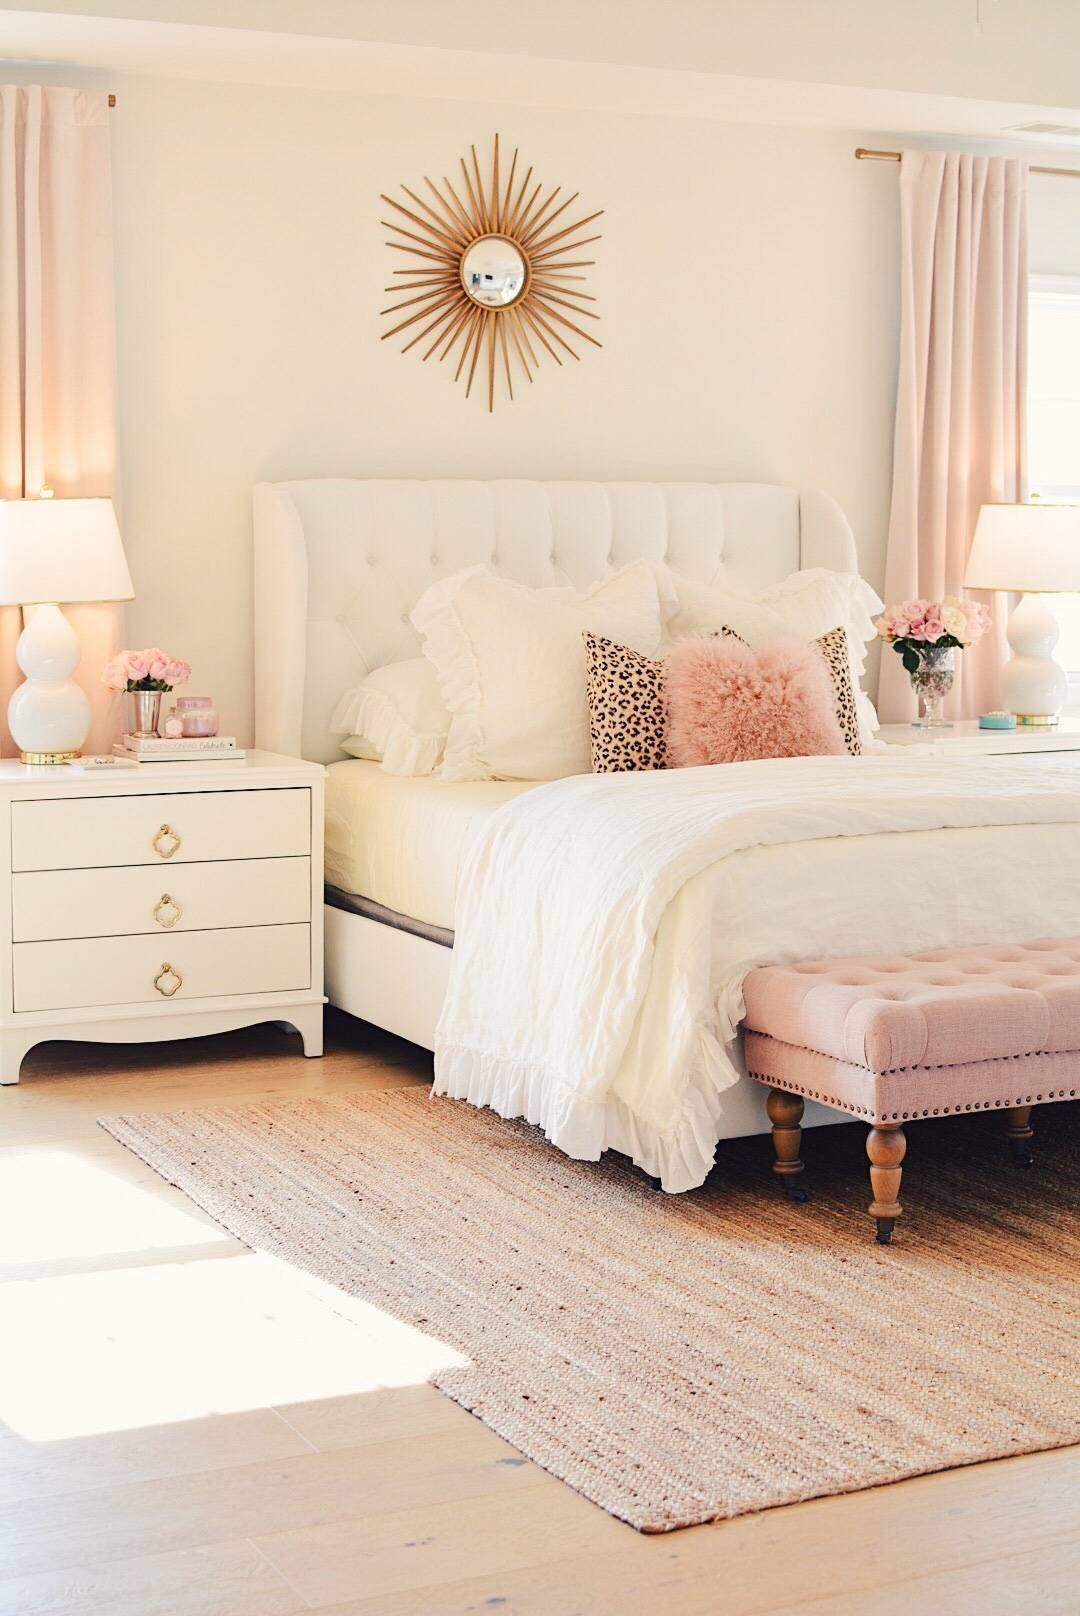 Schlafzimmer Dekor Ideen: Eine romantische Master Bedroom Makeover – Der rosa Traum